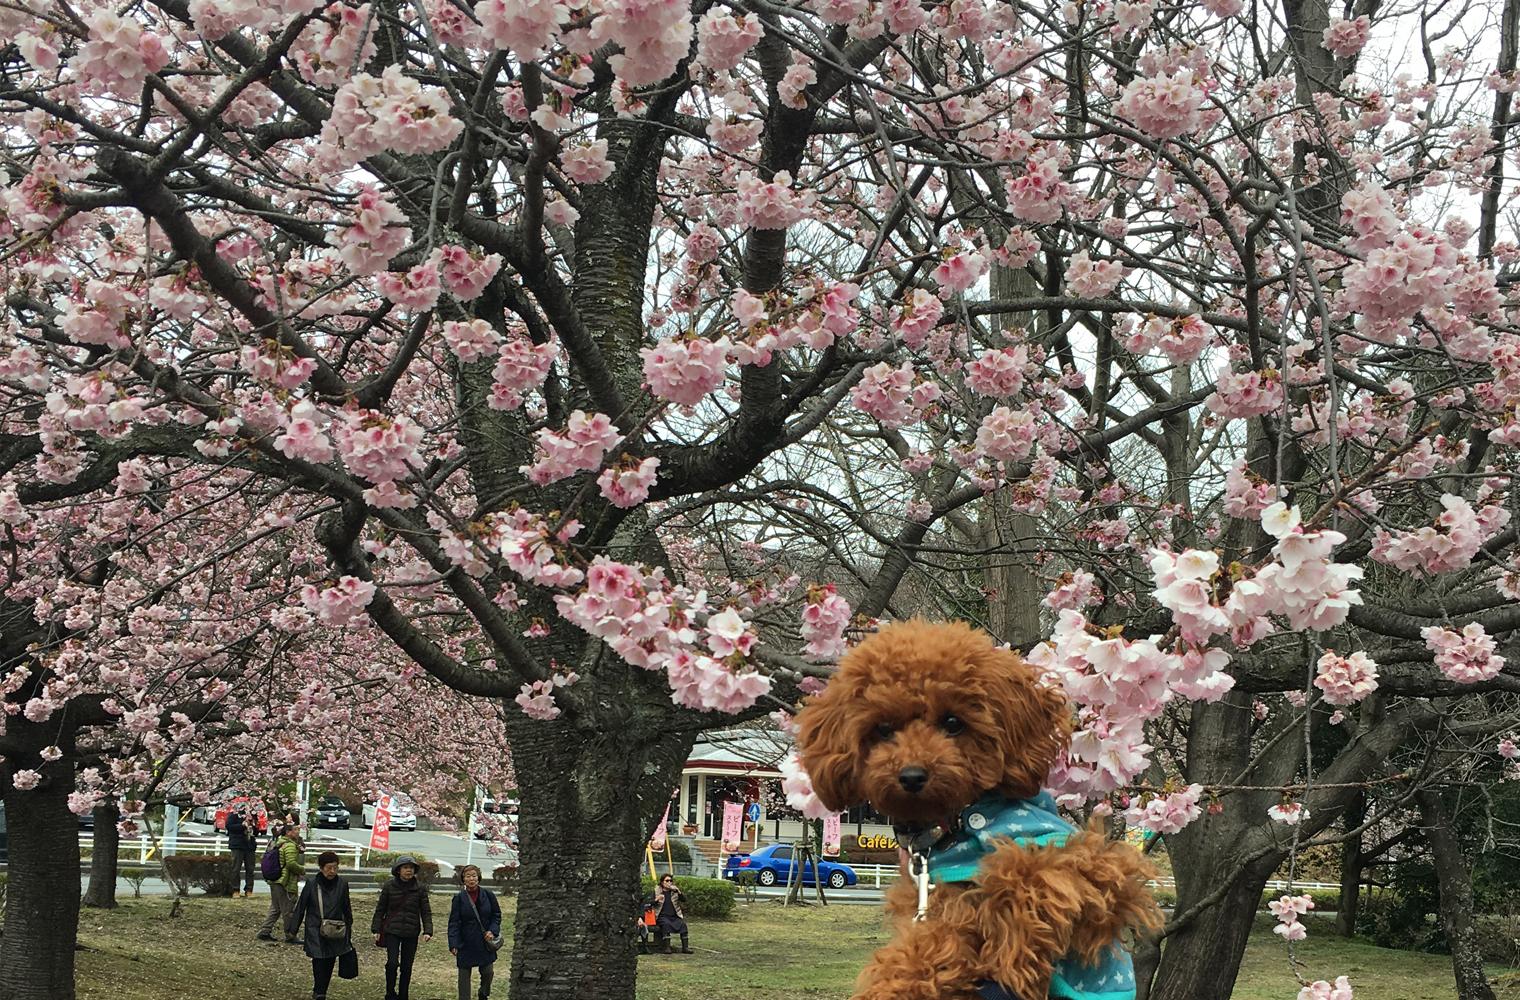 伊豆高原のおおかん桜を楽しむ(伊東市)